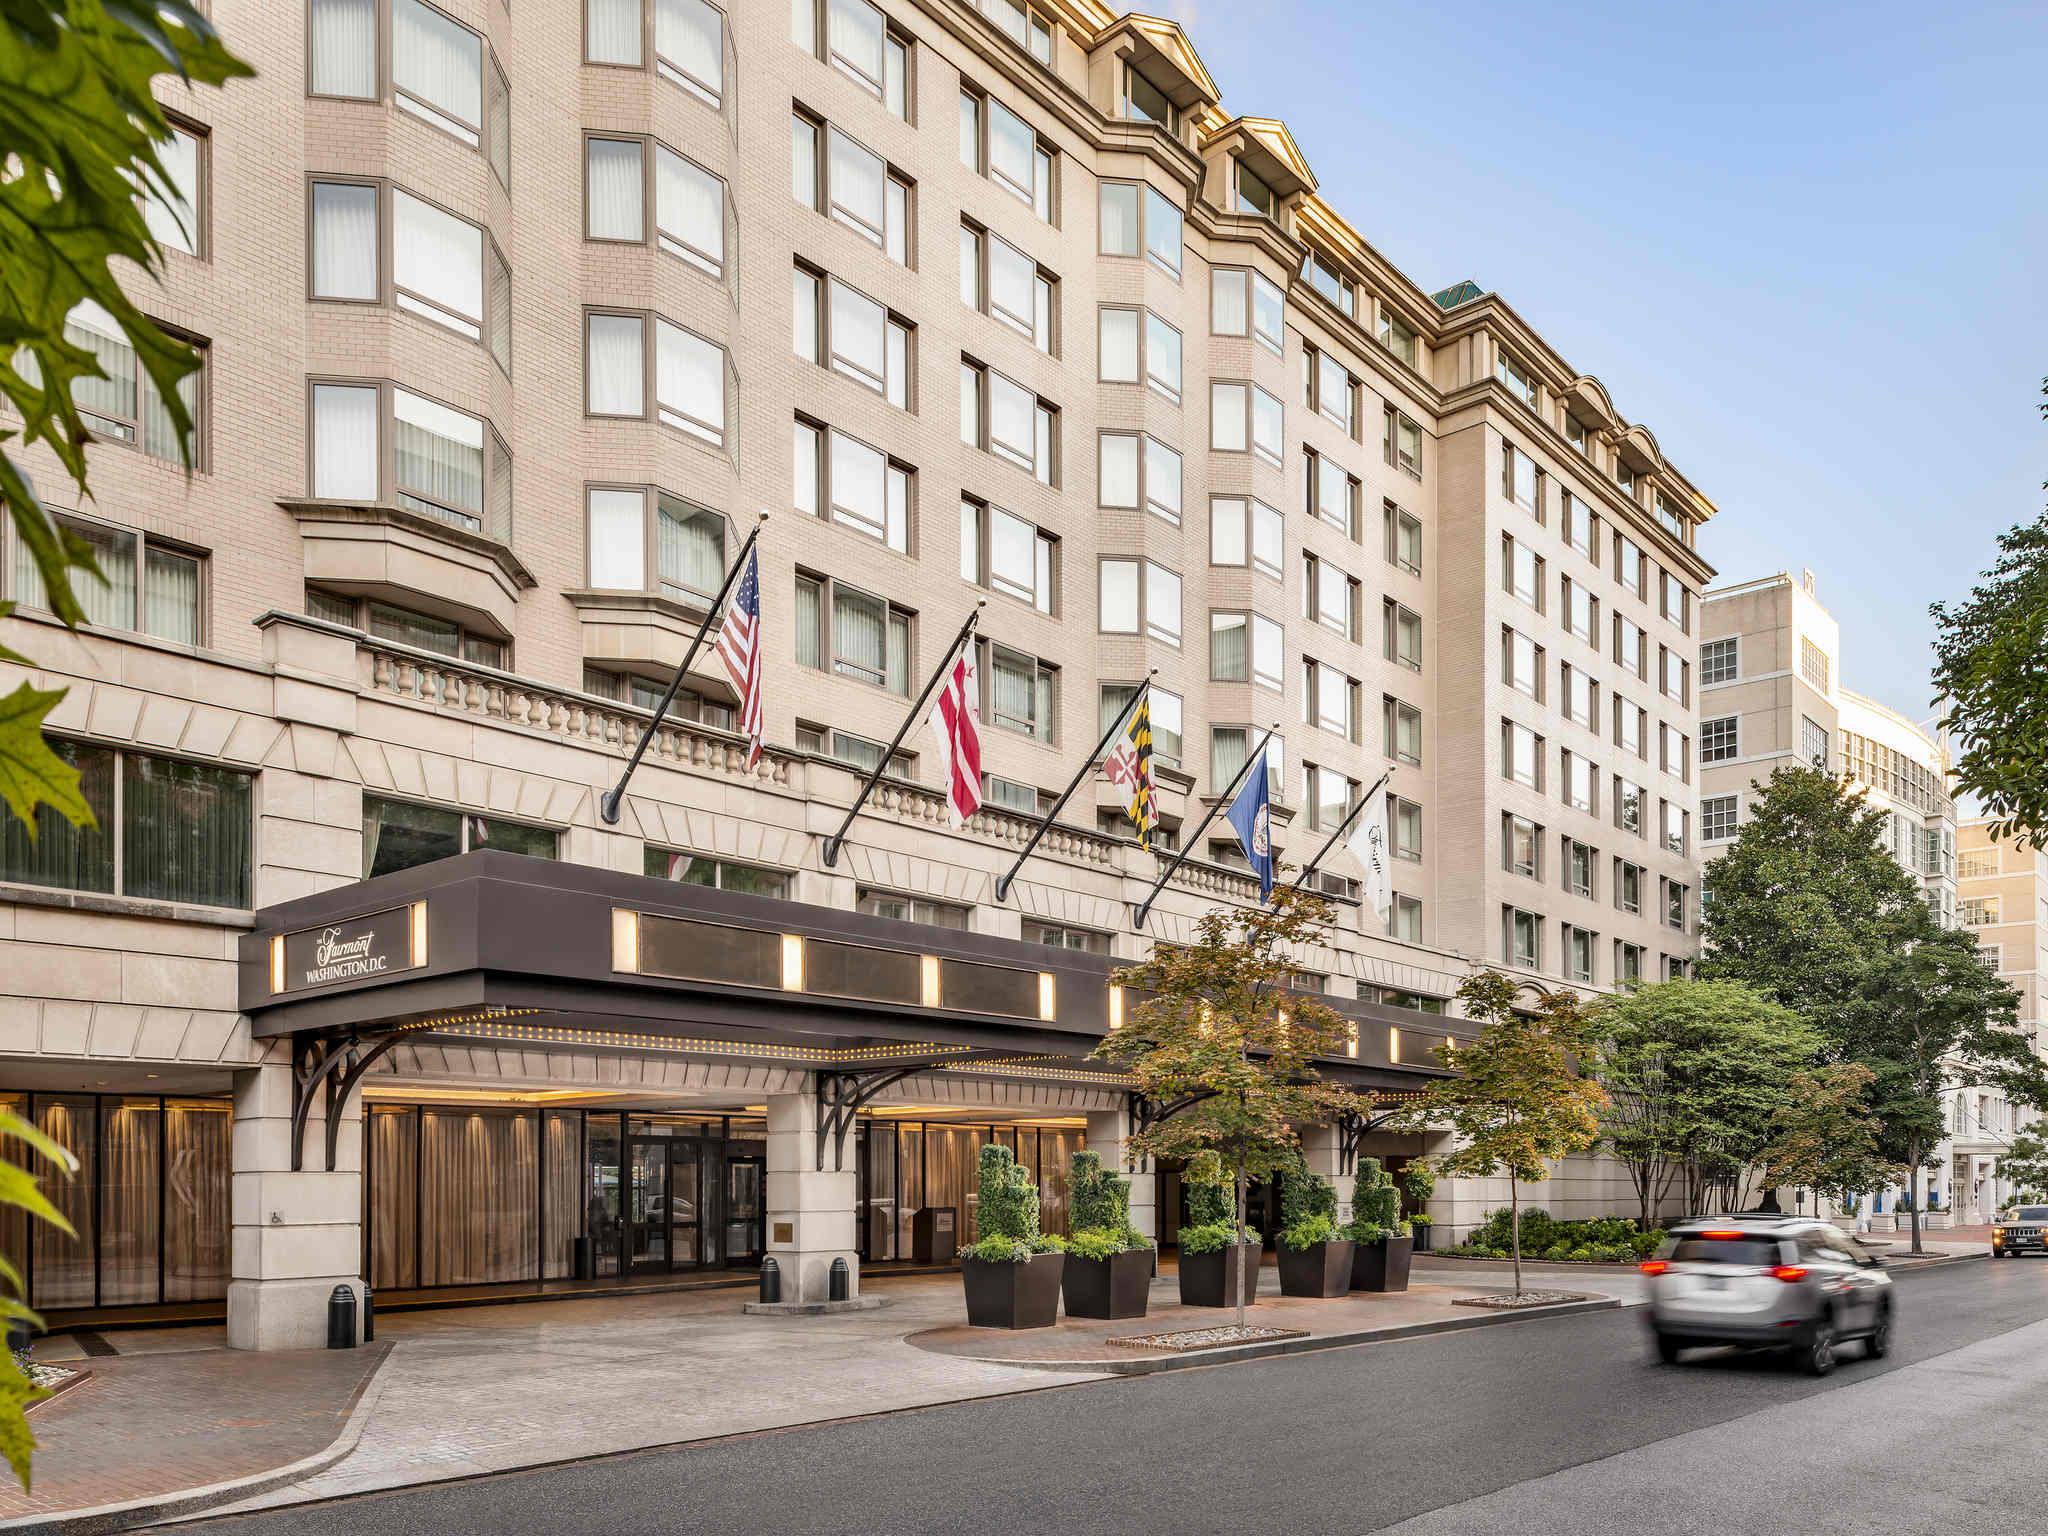 酒店 – 华盛顿乔治敦费尔蒙酒店